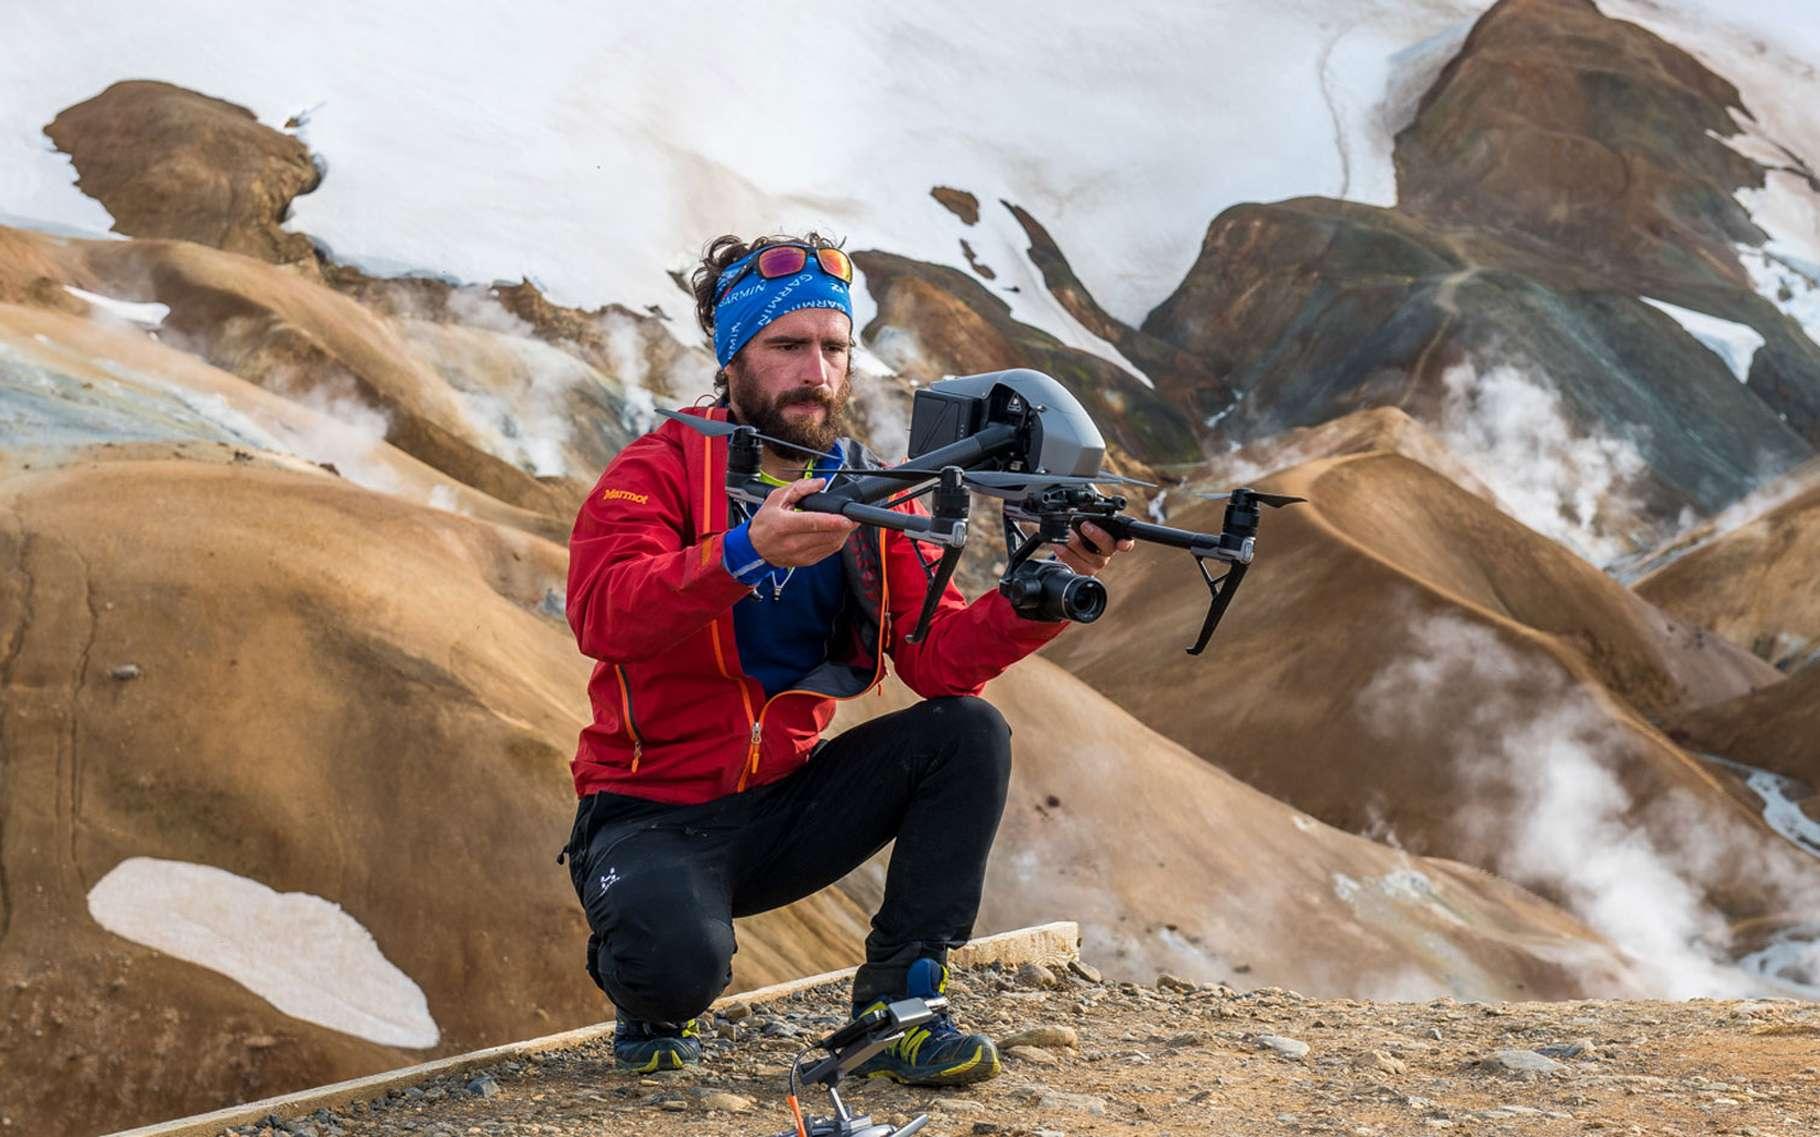 Alors que nous sommes arrivés dans une région très spéciale d'Islande, le site géothermal très large de Kerlingarfjöll, je prépare mon drone pour un vol spectaculaire au-dessus d'un autre monde. © Florian Ledoux